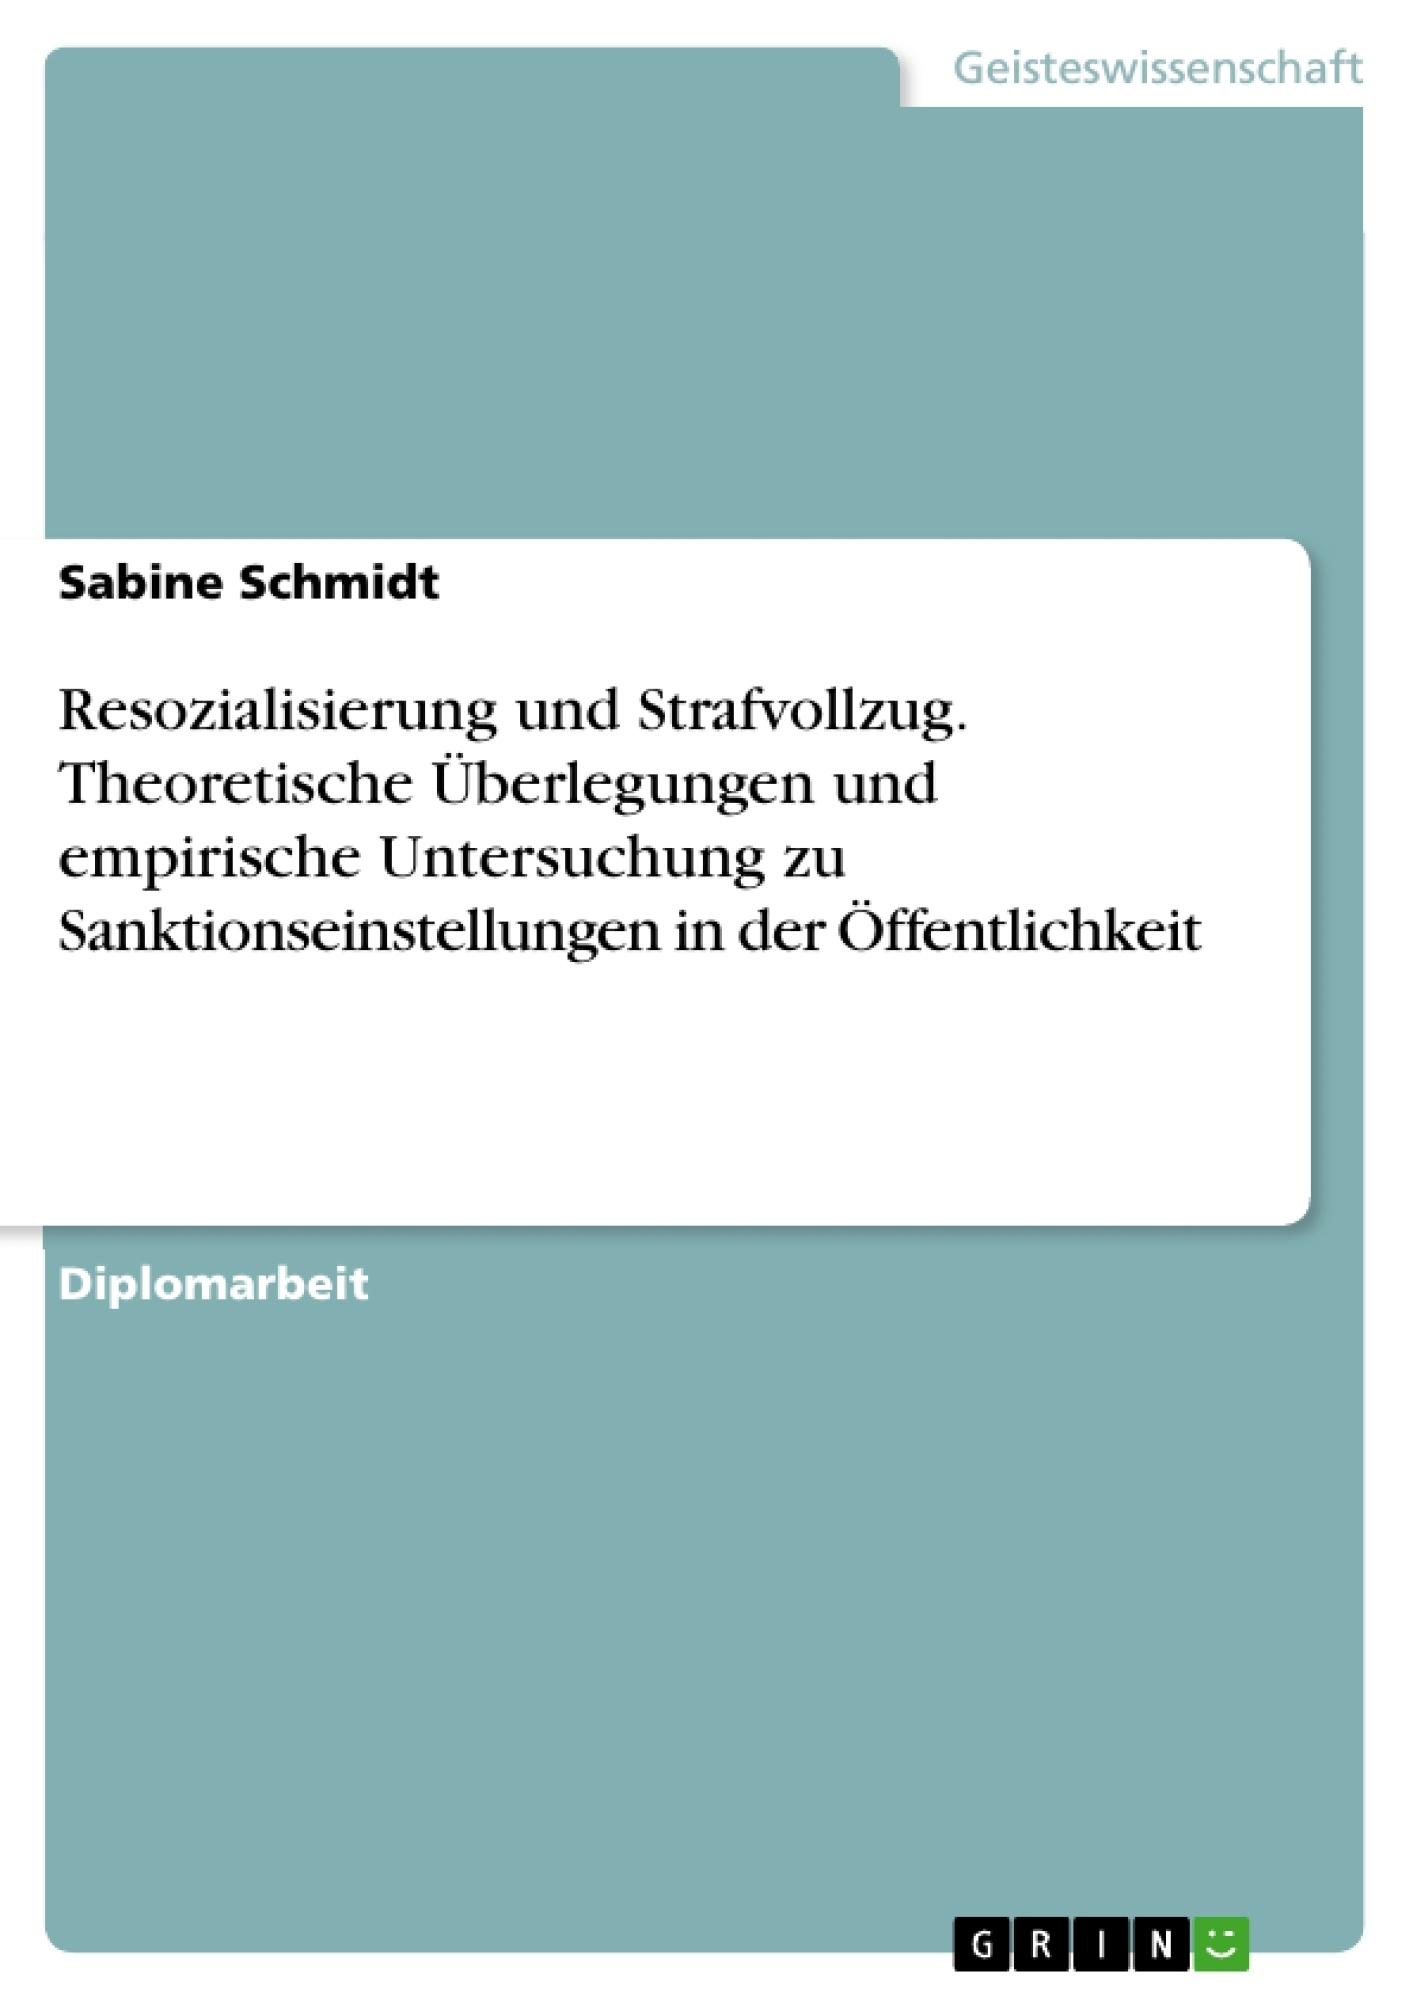 Titel: Resozialisierung und Strafvollzug. Theoretische Überlegungen und empirische Untersuchung zu Sanktionseinstellungen in der Öffentlichkeit